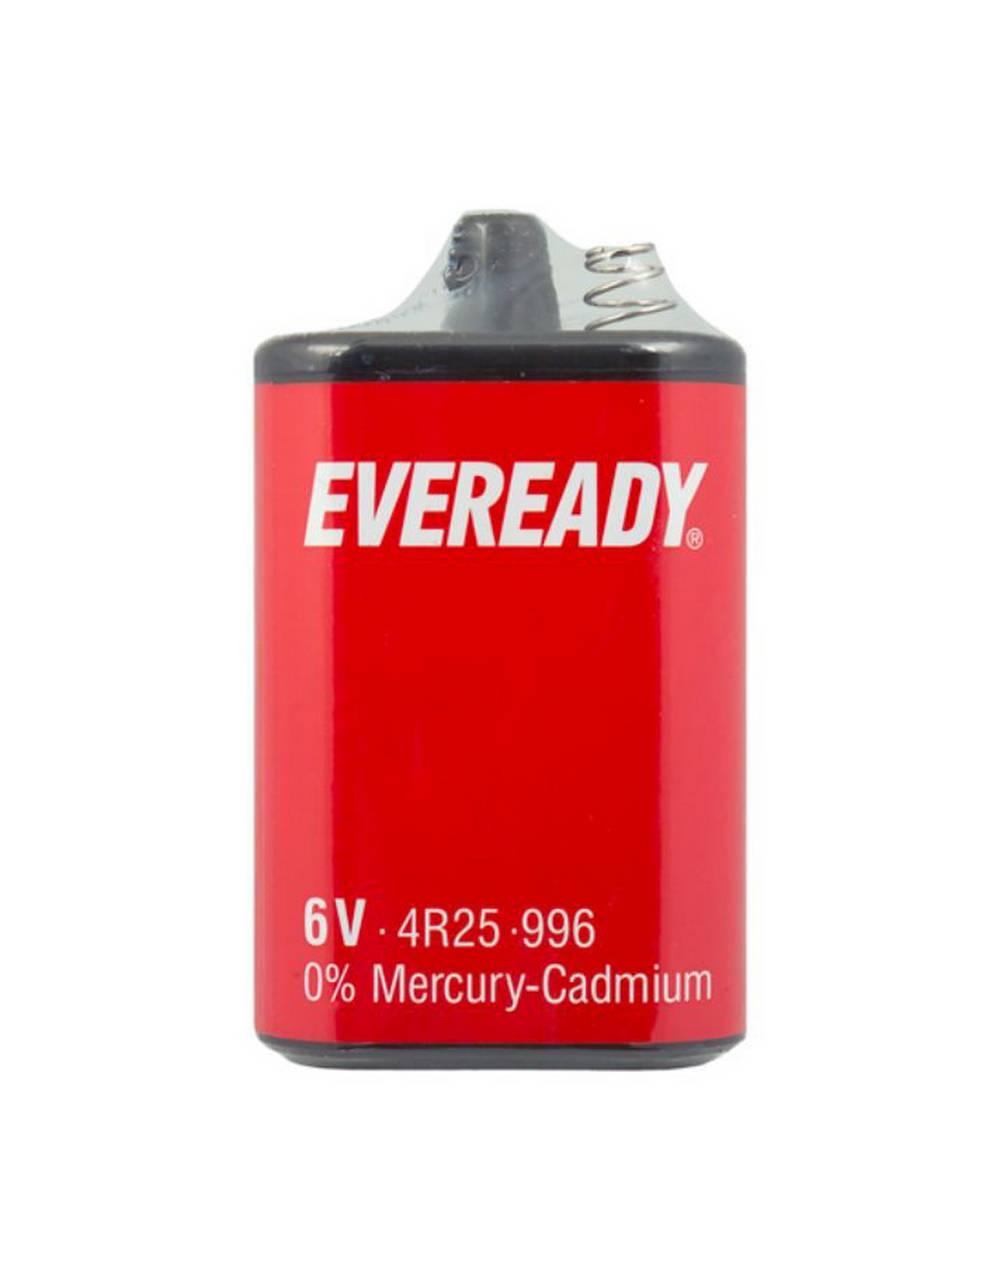 Μπαταρία Mercury Cadmium Eveready 4R25-996 6 V Τεμ. 1